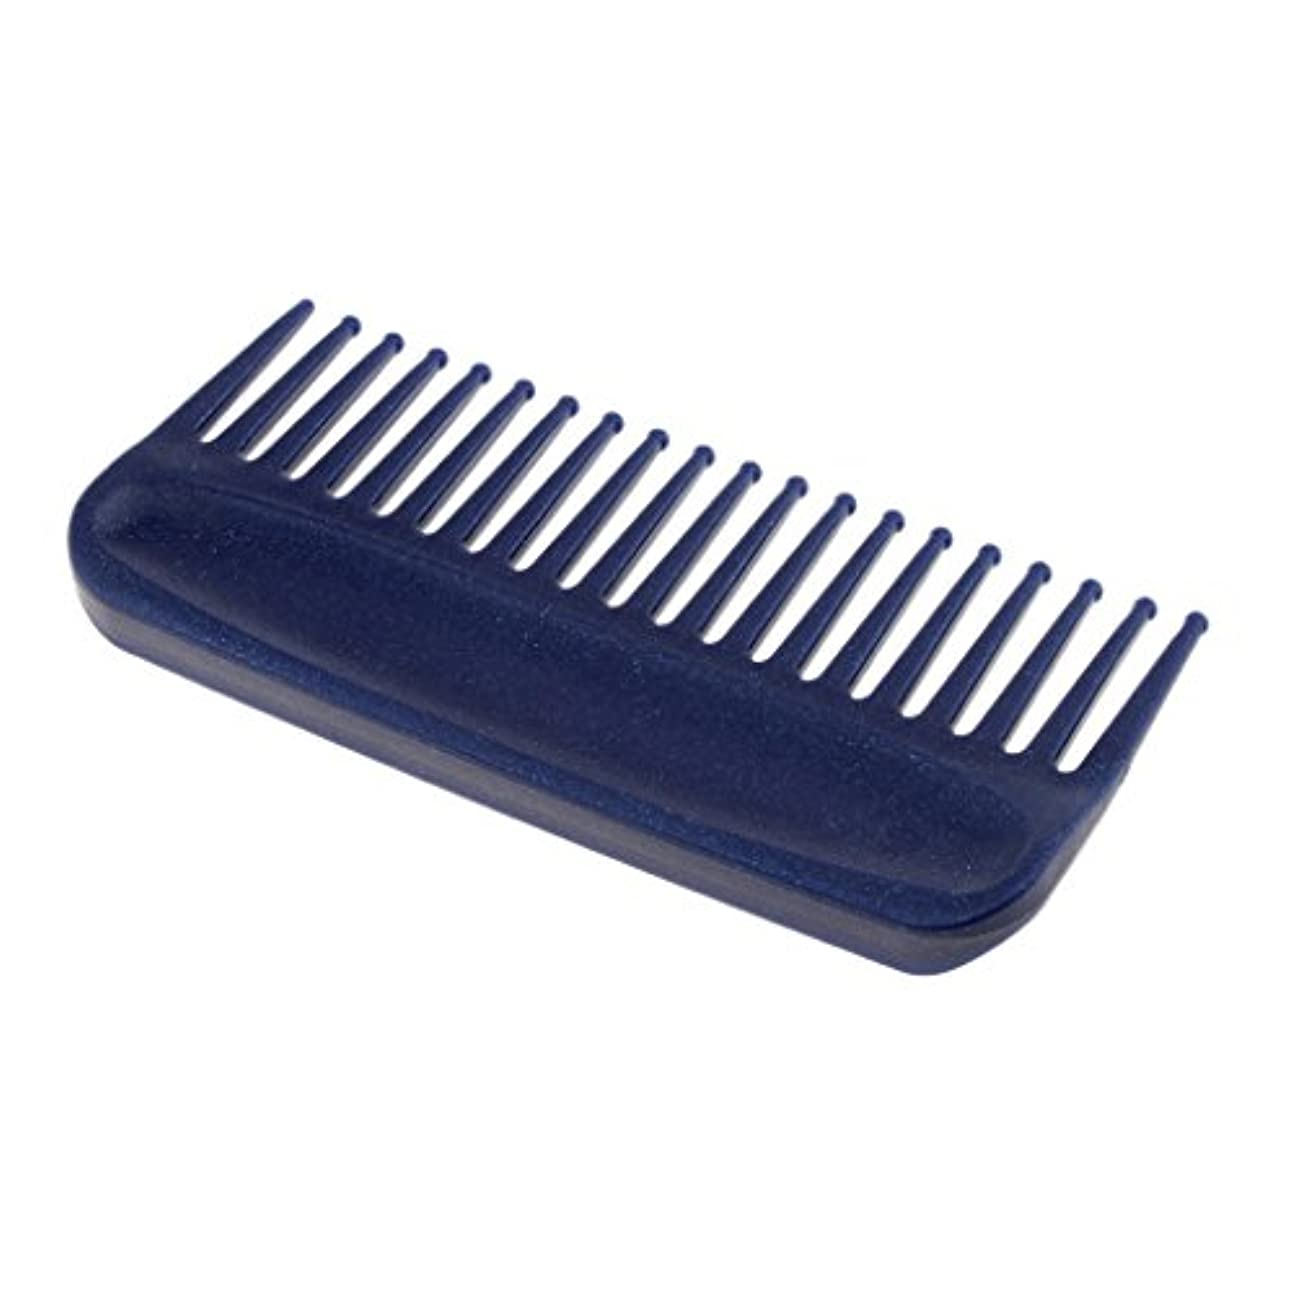 航空便定期的にビュッフェInjoyo サロンヘアケアもつれを解く髪の櫛、ヘアブラシアンチスタティック広歯櫛ポケット6 - 青